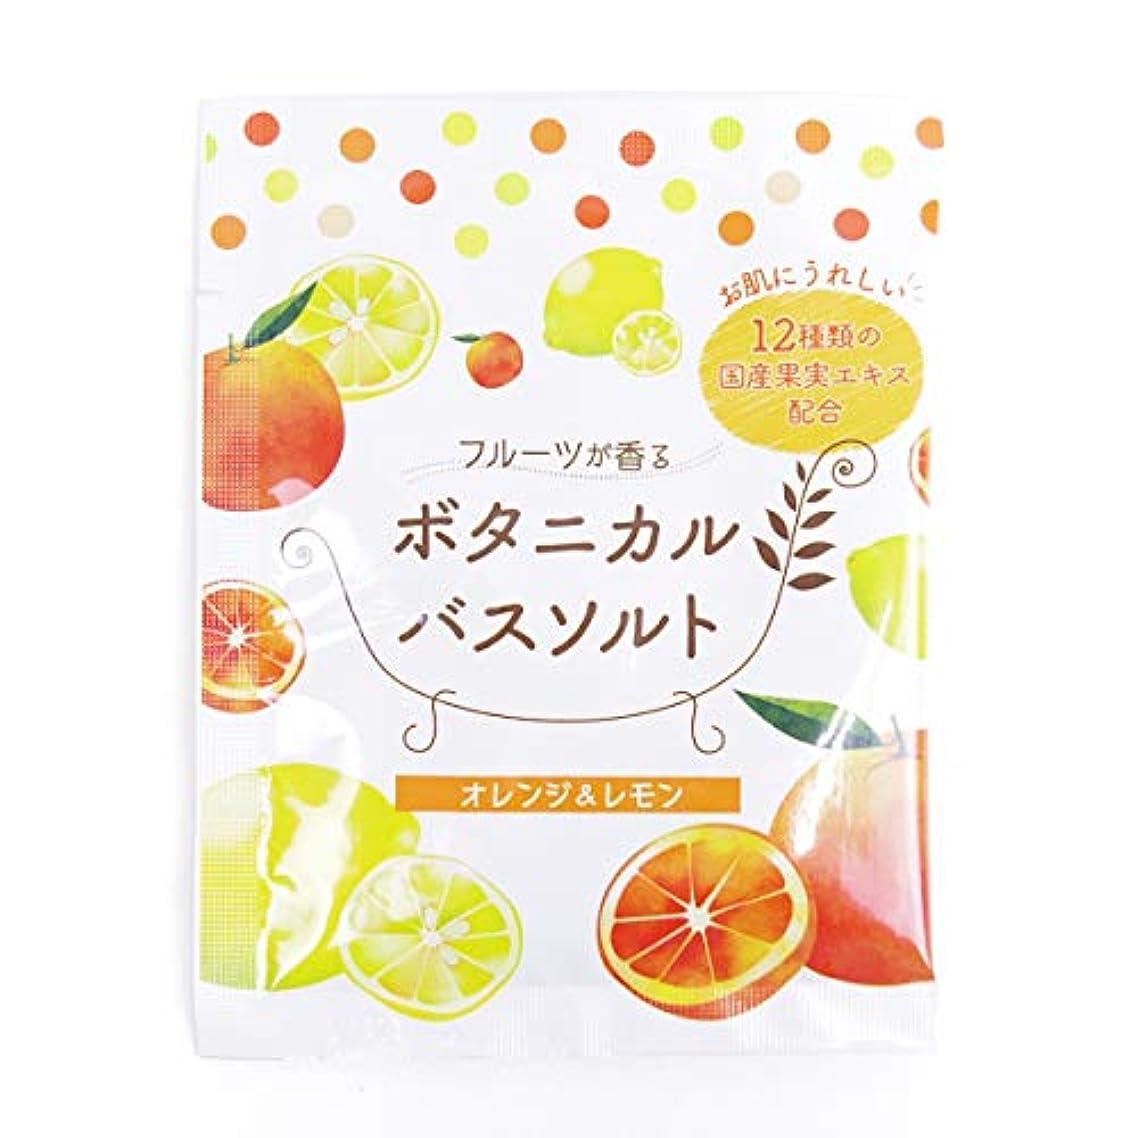 お互い禁止するり松田医薬品 フルーツが香るボタニカルバスソルト オレンジ&レモン 30g